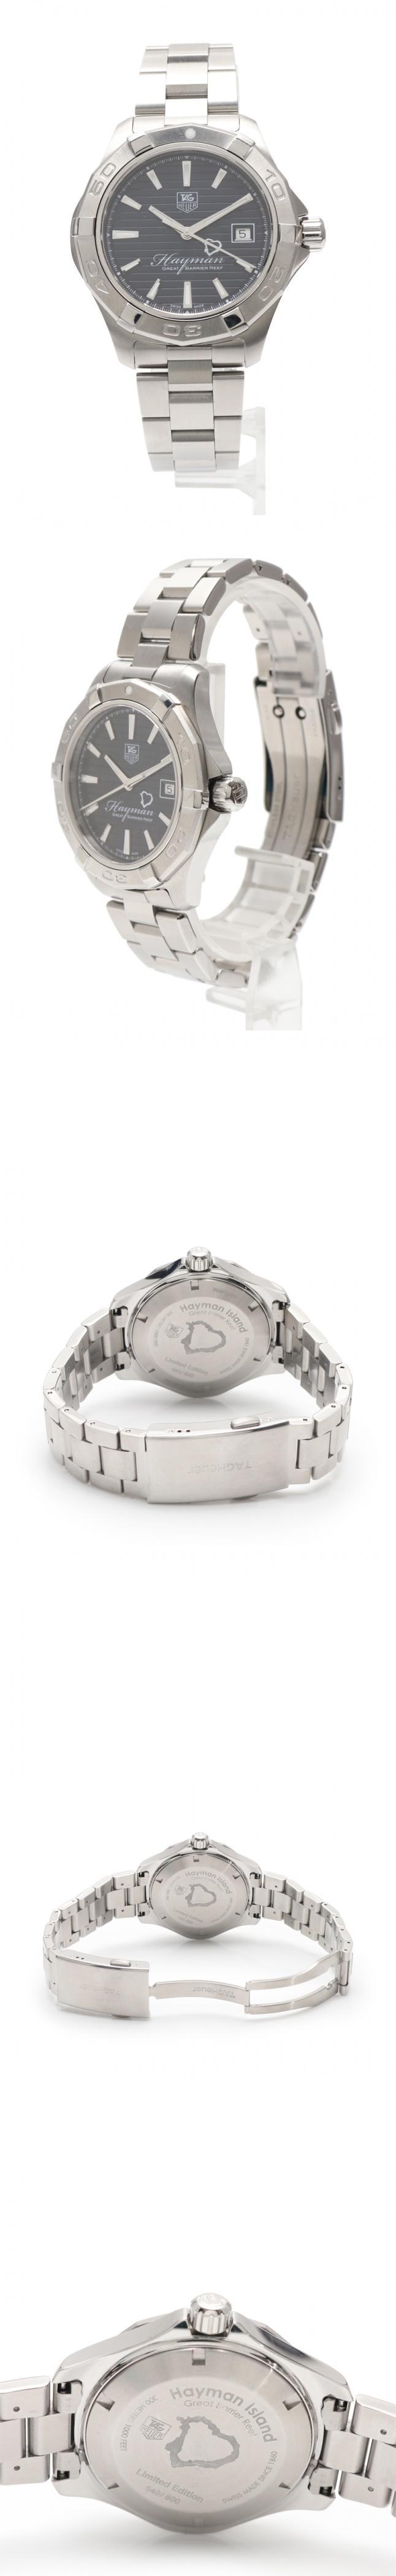 腕時計 アクアレーサー メンズ シルバー WAP201Y SS 800本限定 ブラック文字盤 ヘイマンアイランド